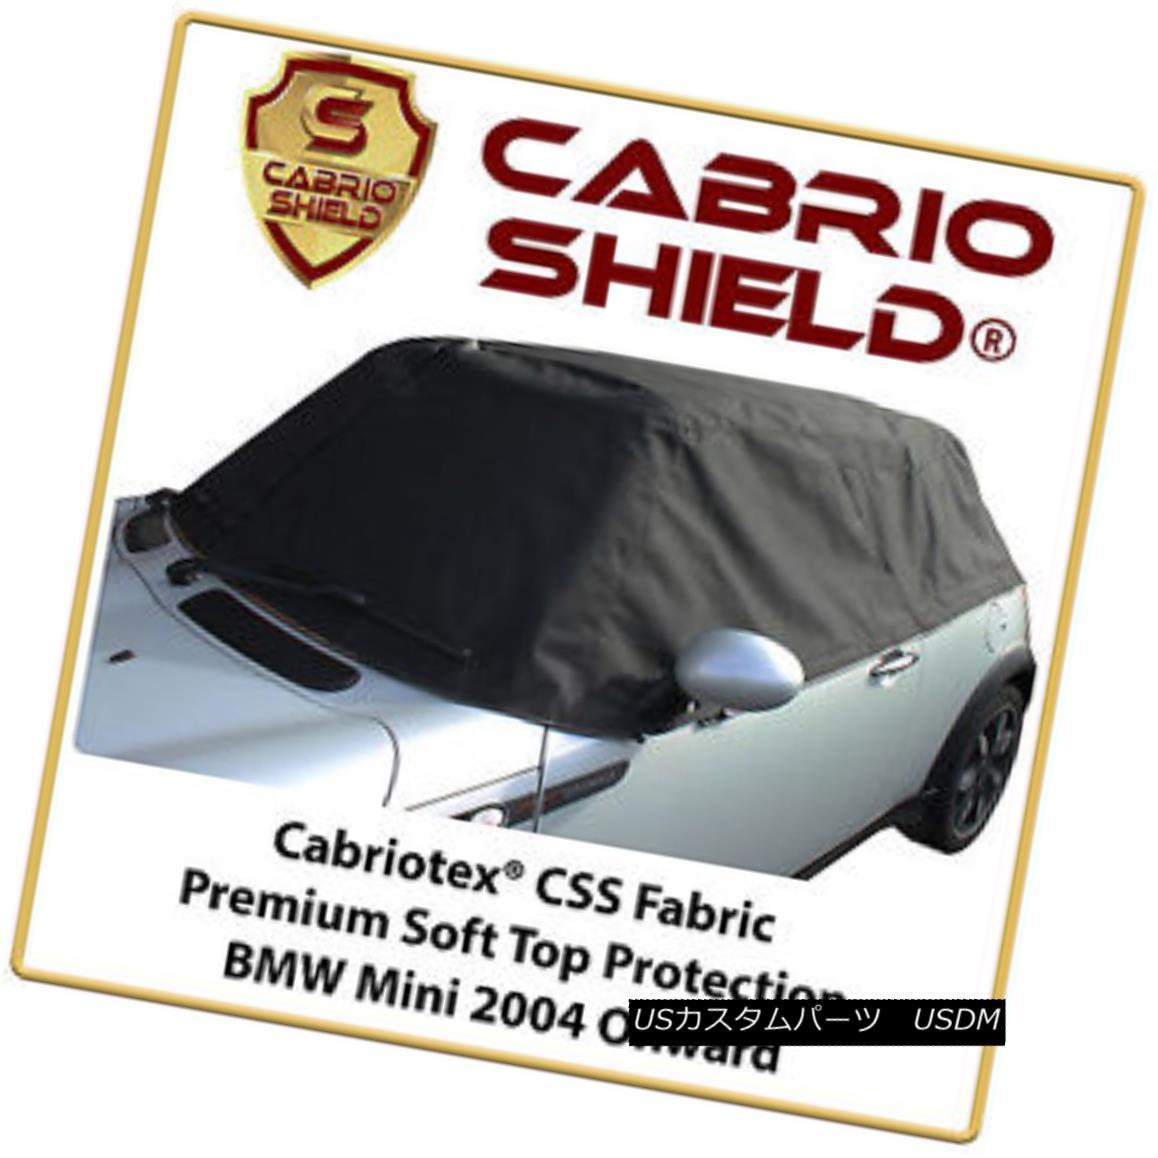 幌・ソフトトップ Mini Soft Top Protection Premium Cabrio Shield 2004 Onward ミニソフトトッププロテクションプレミアムCabrioシールド2004年以降